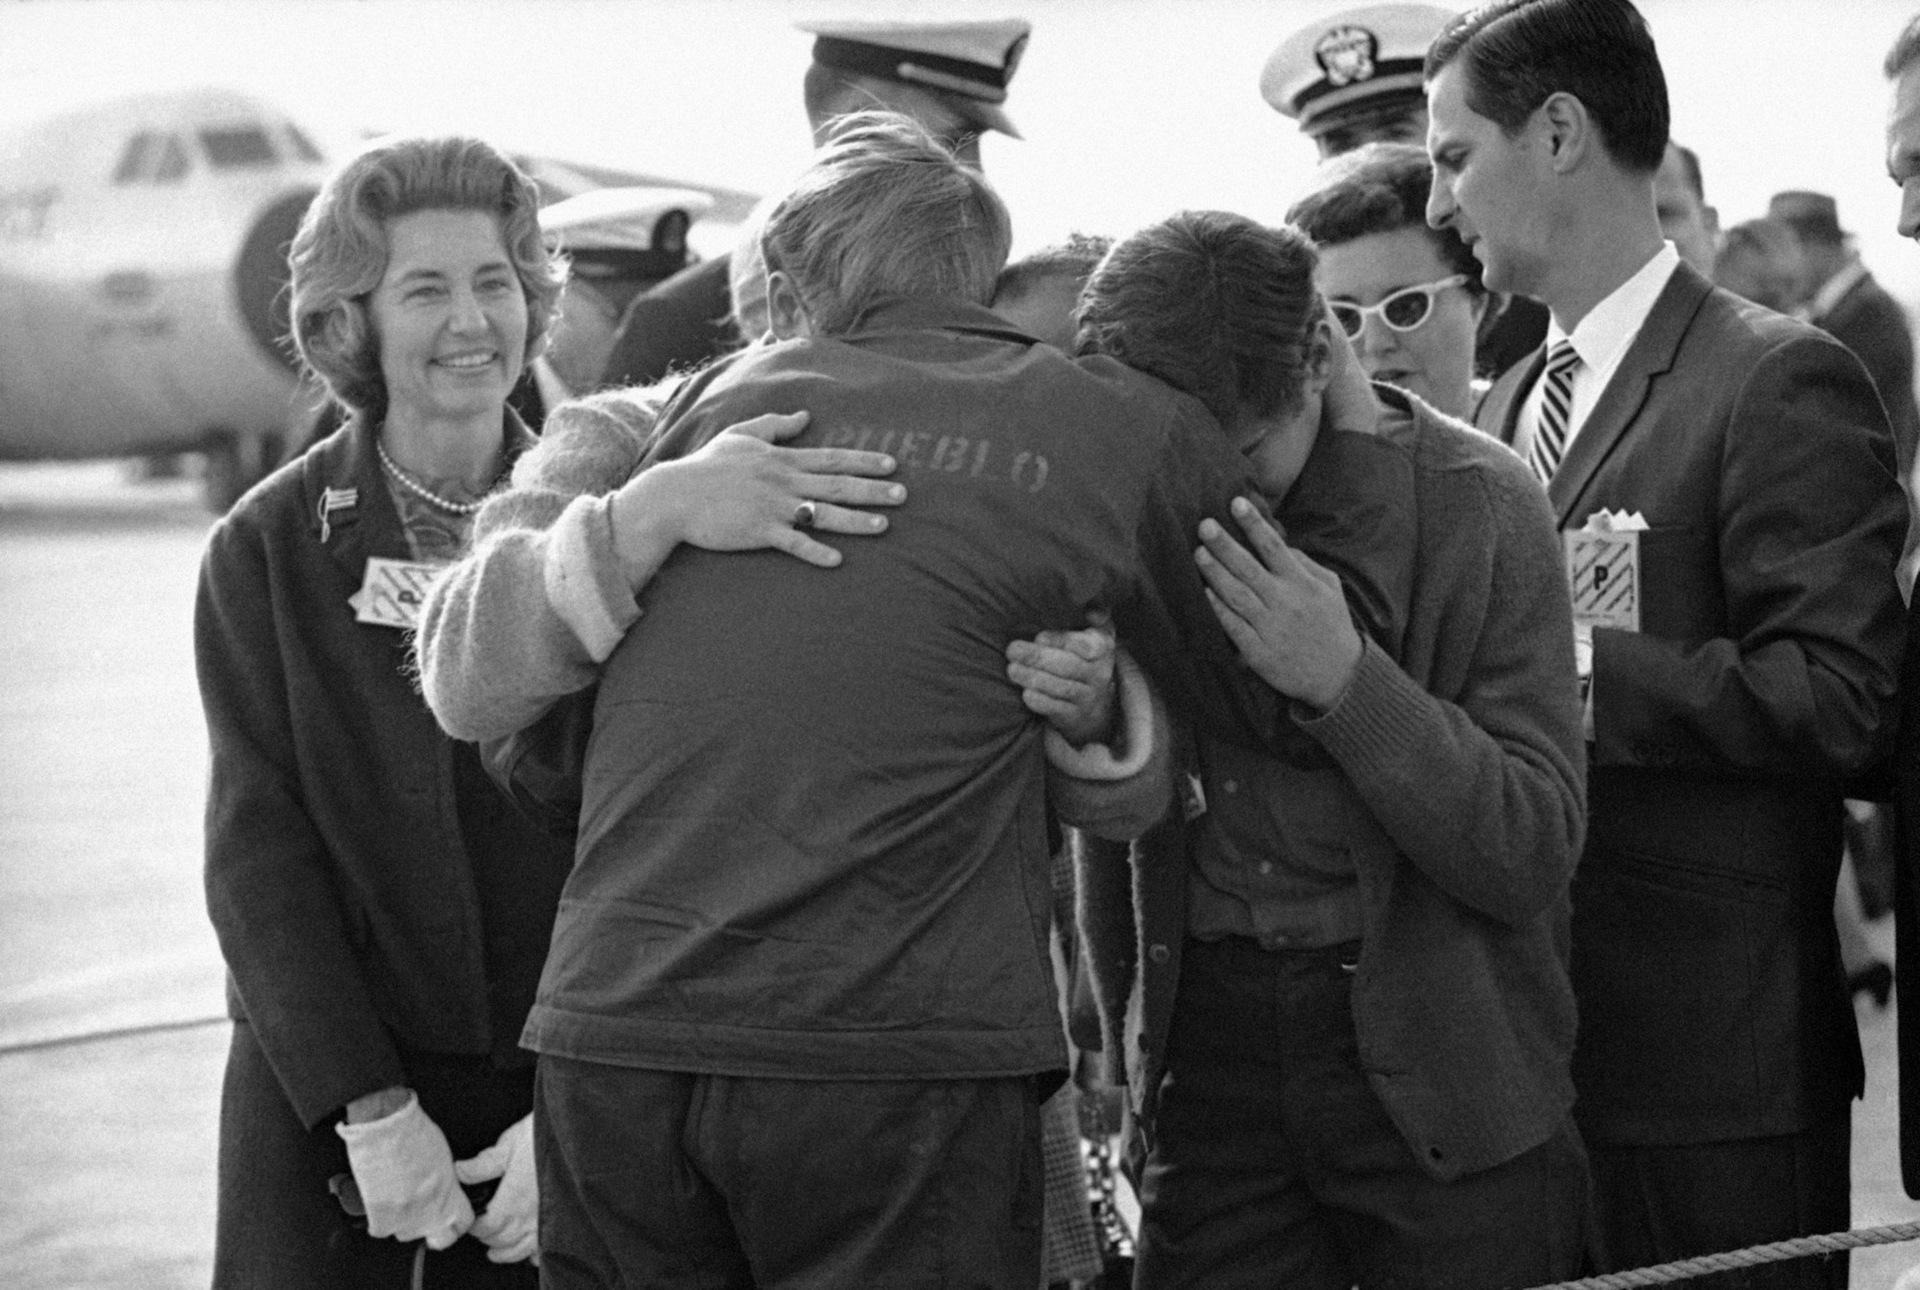 Triều Tiên bắt giữ tàu USS Pueblo, Mỹ lên kế hoạch tấn công hạt nhân - Ảnh 17.